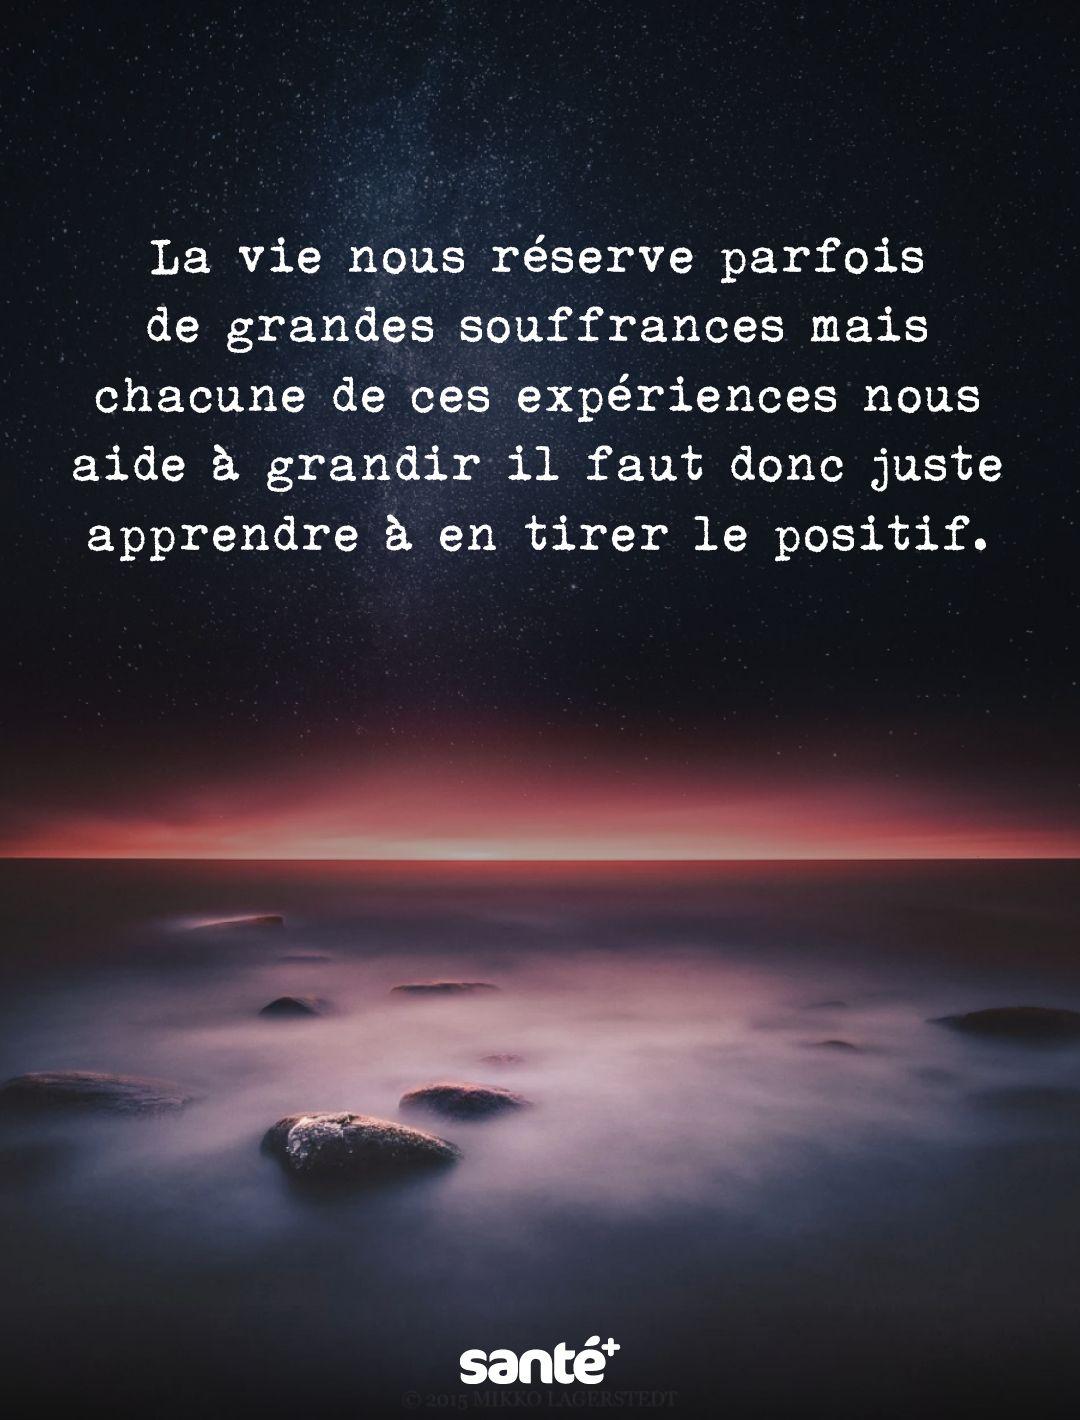 Citation Philosophique Sur La Vie : citation, philosophique, Citations, Citation,, Phrase, Philosophique,, Belles